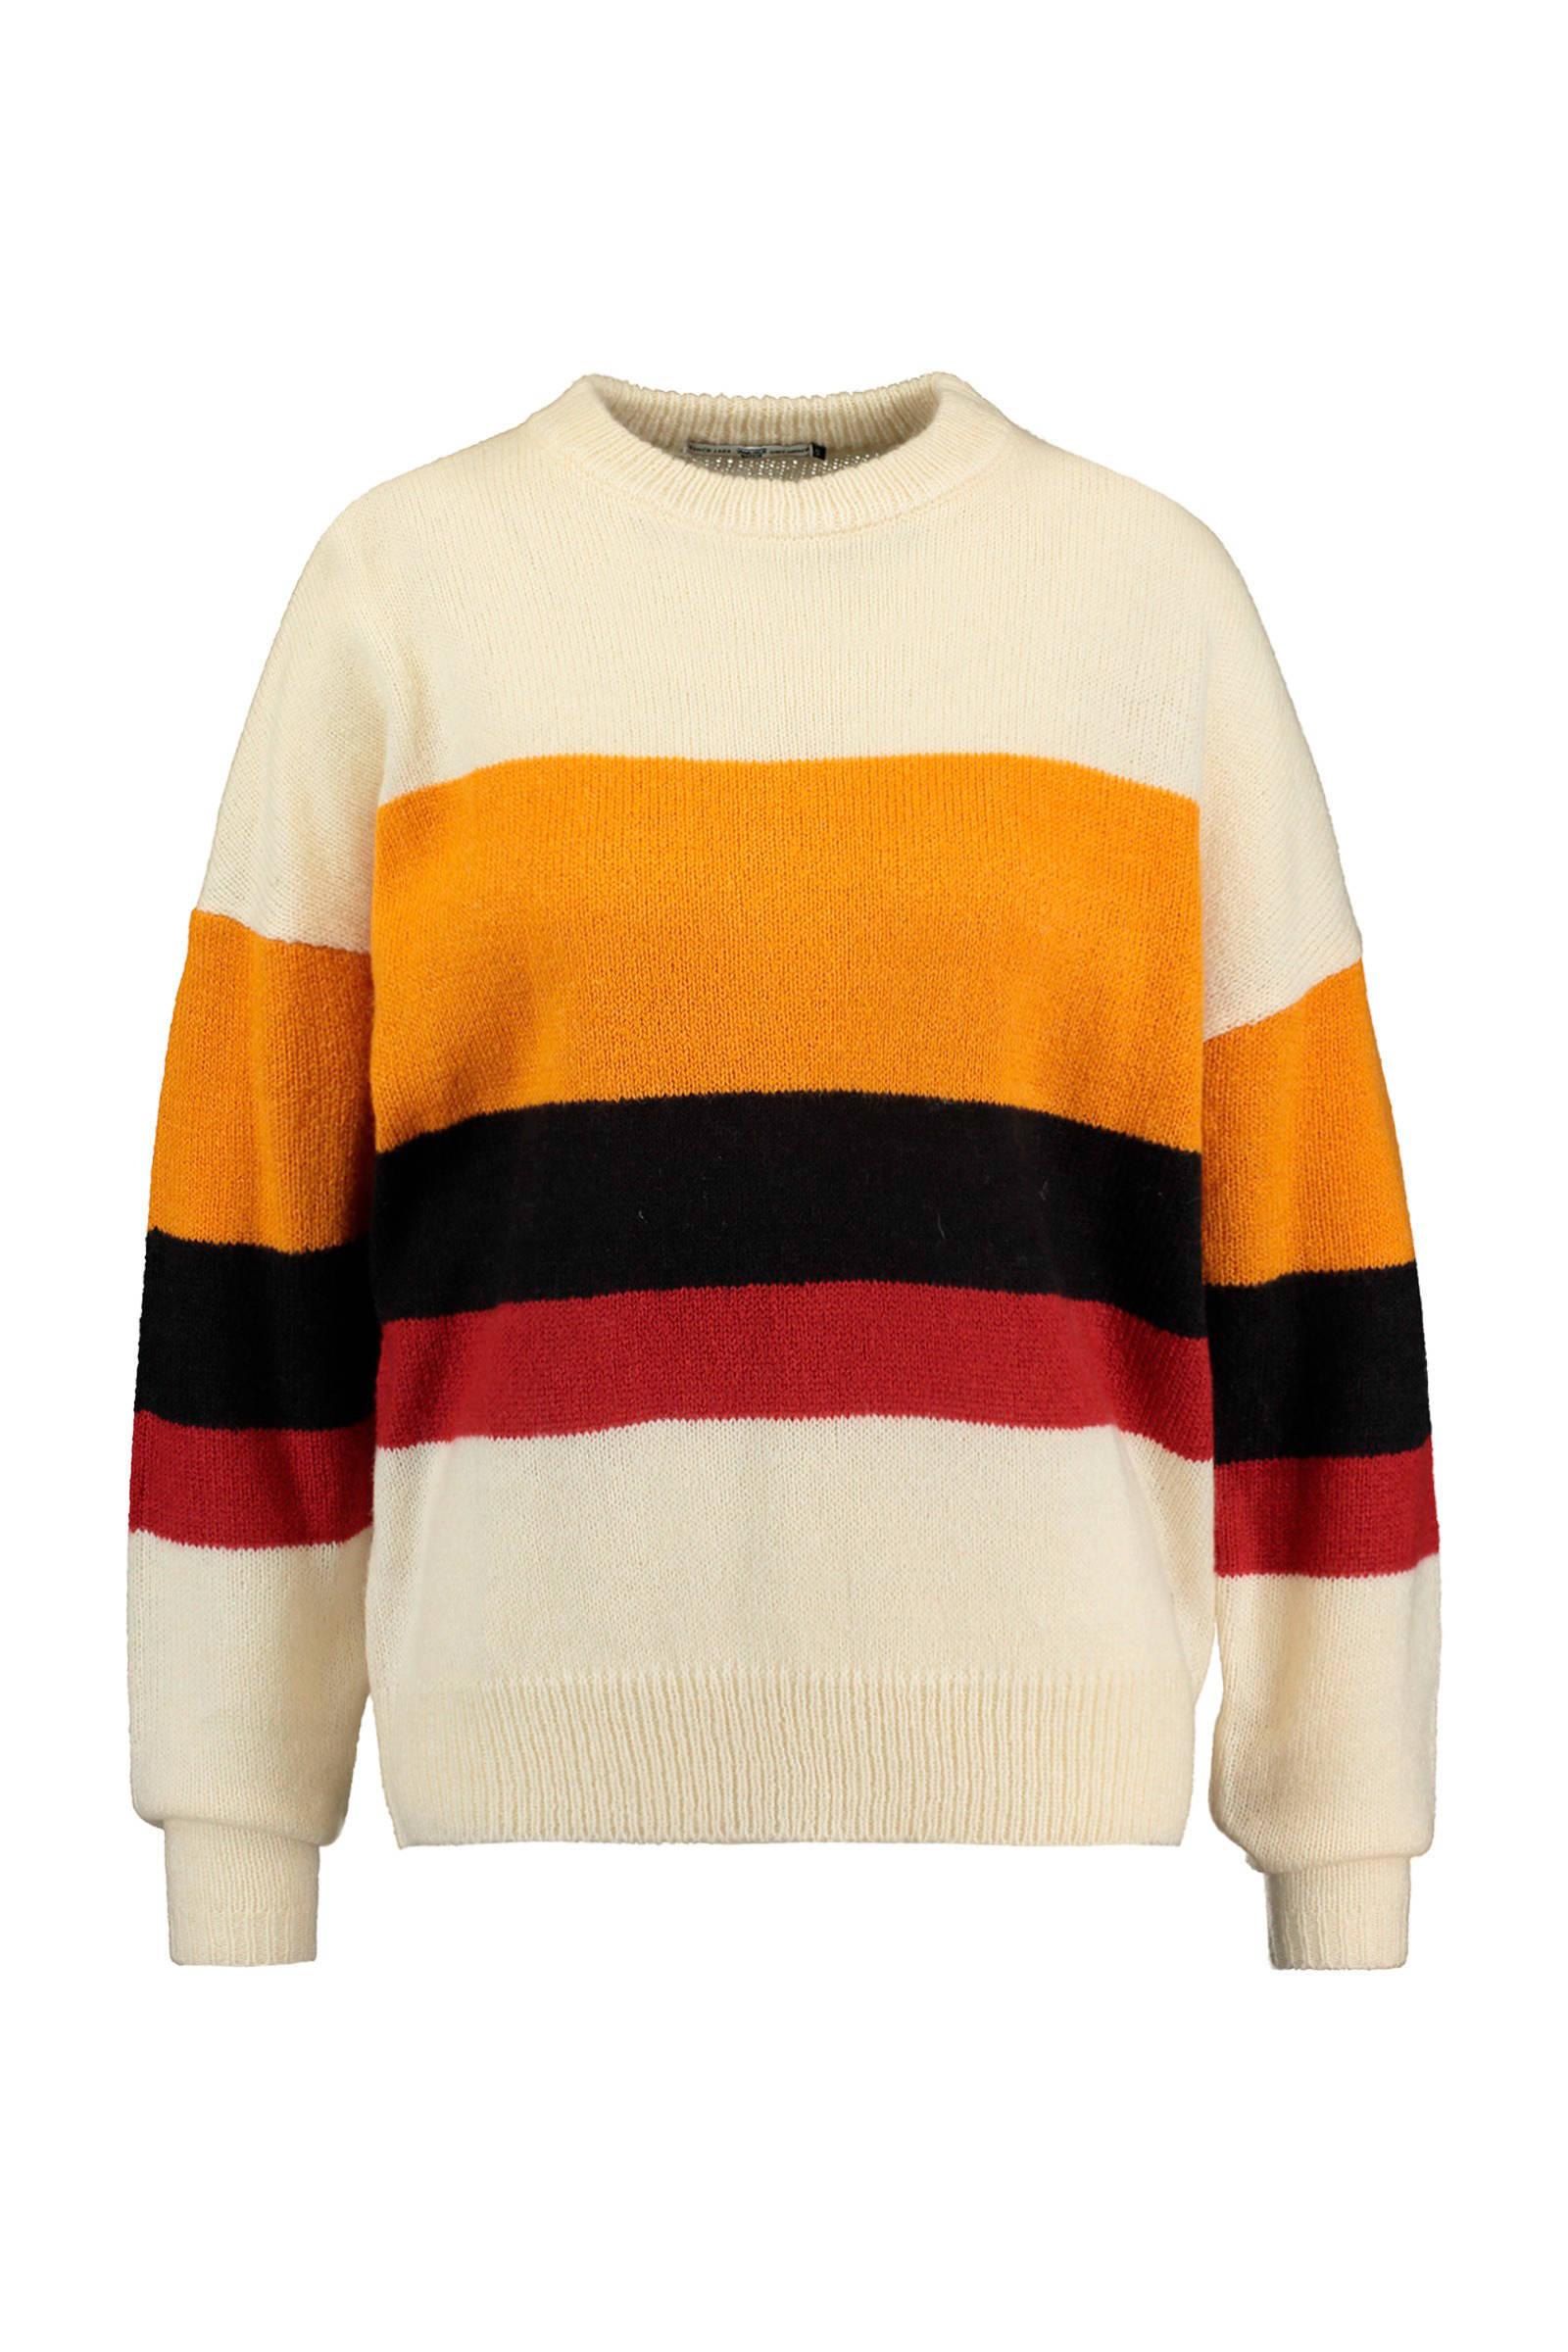 America Today gestreepte trui met wol geelzwart | wehkamp